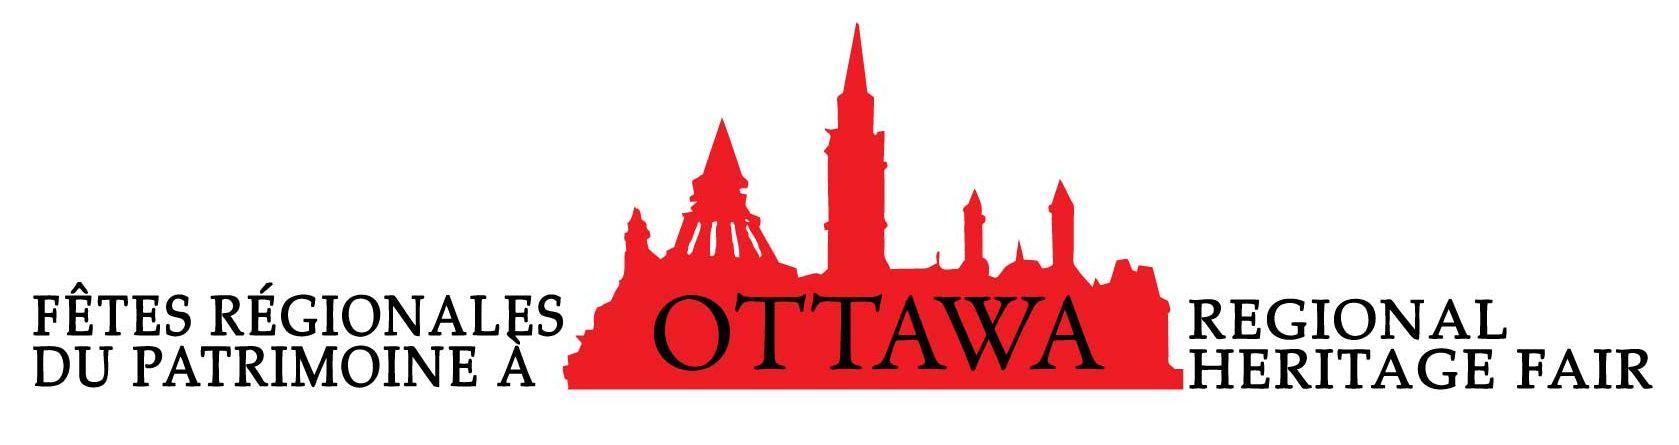 Ottawa Regional Heritage Fair